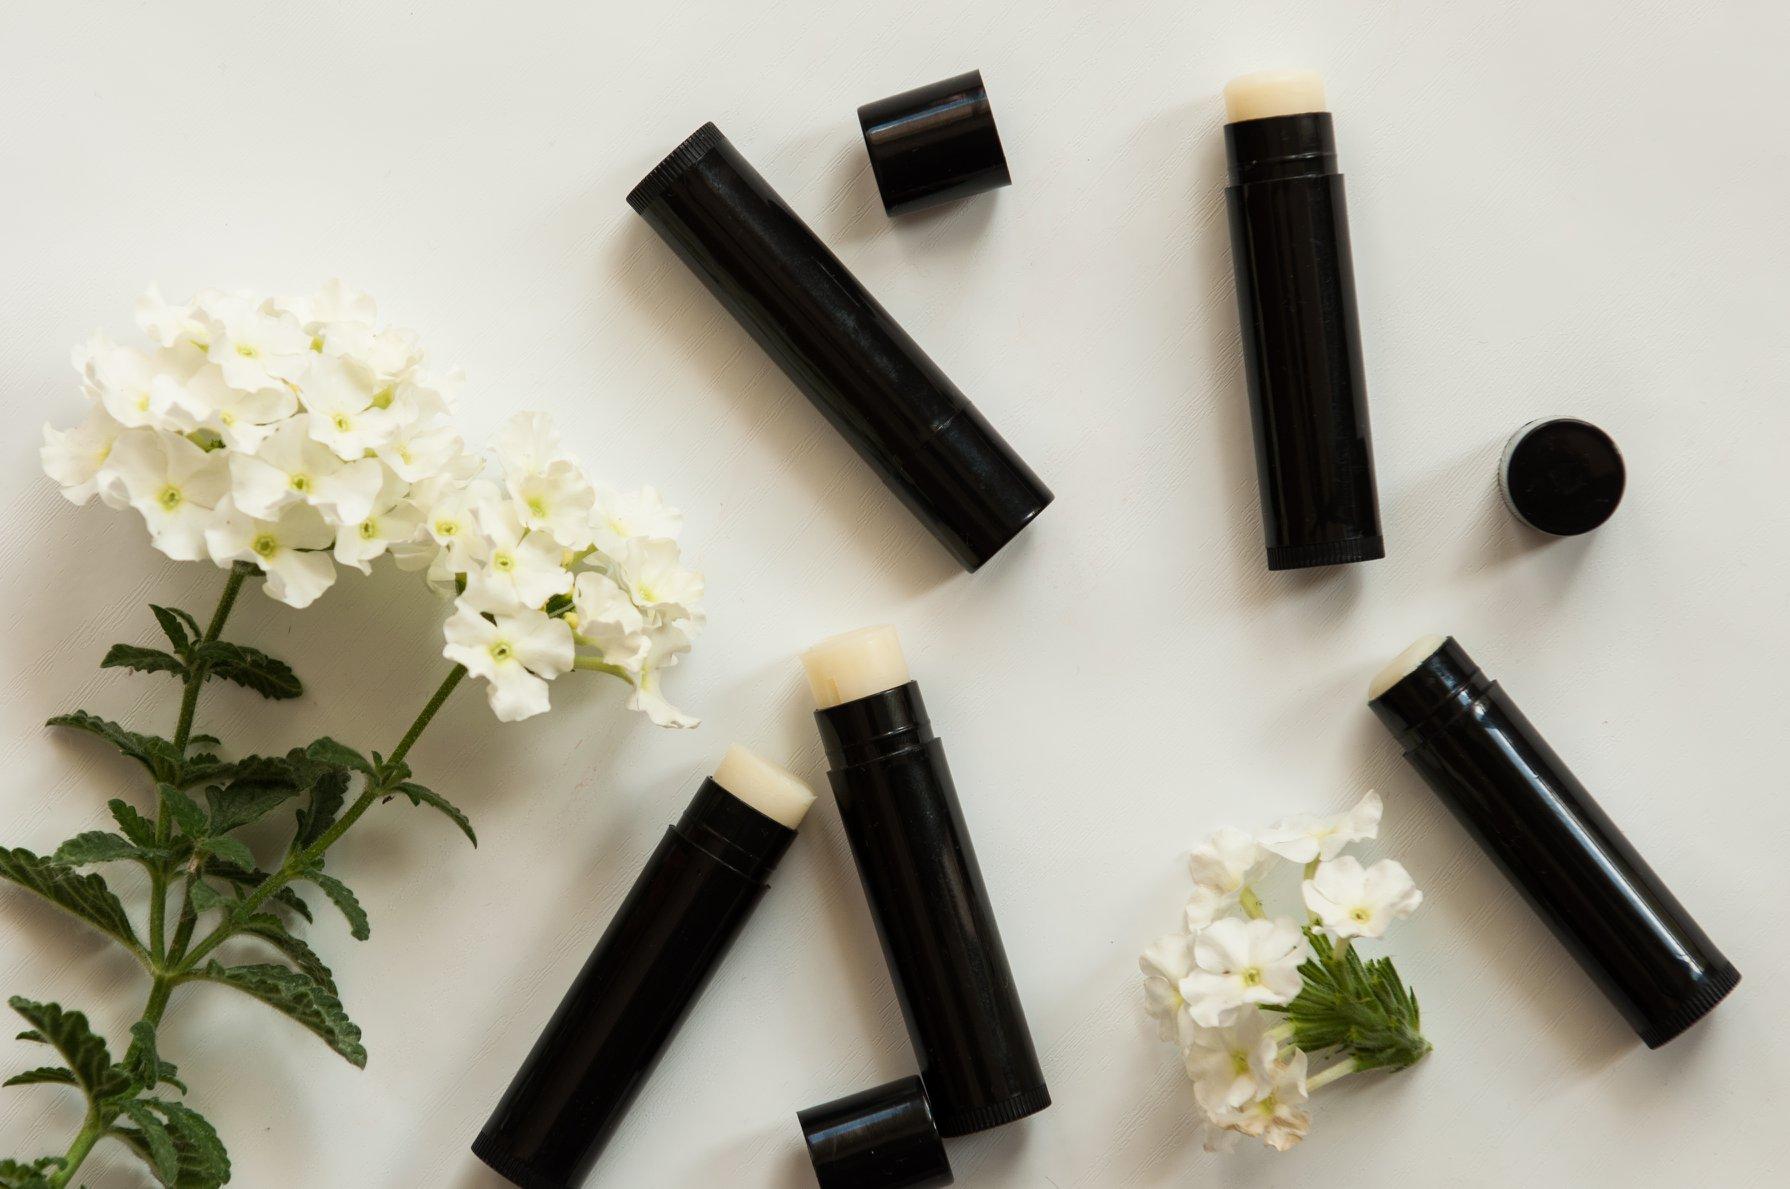 Poszukiwani dostawcy naturalnych olejków kosmetycznych